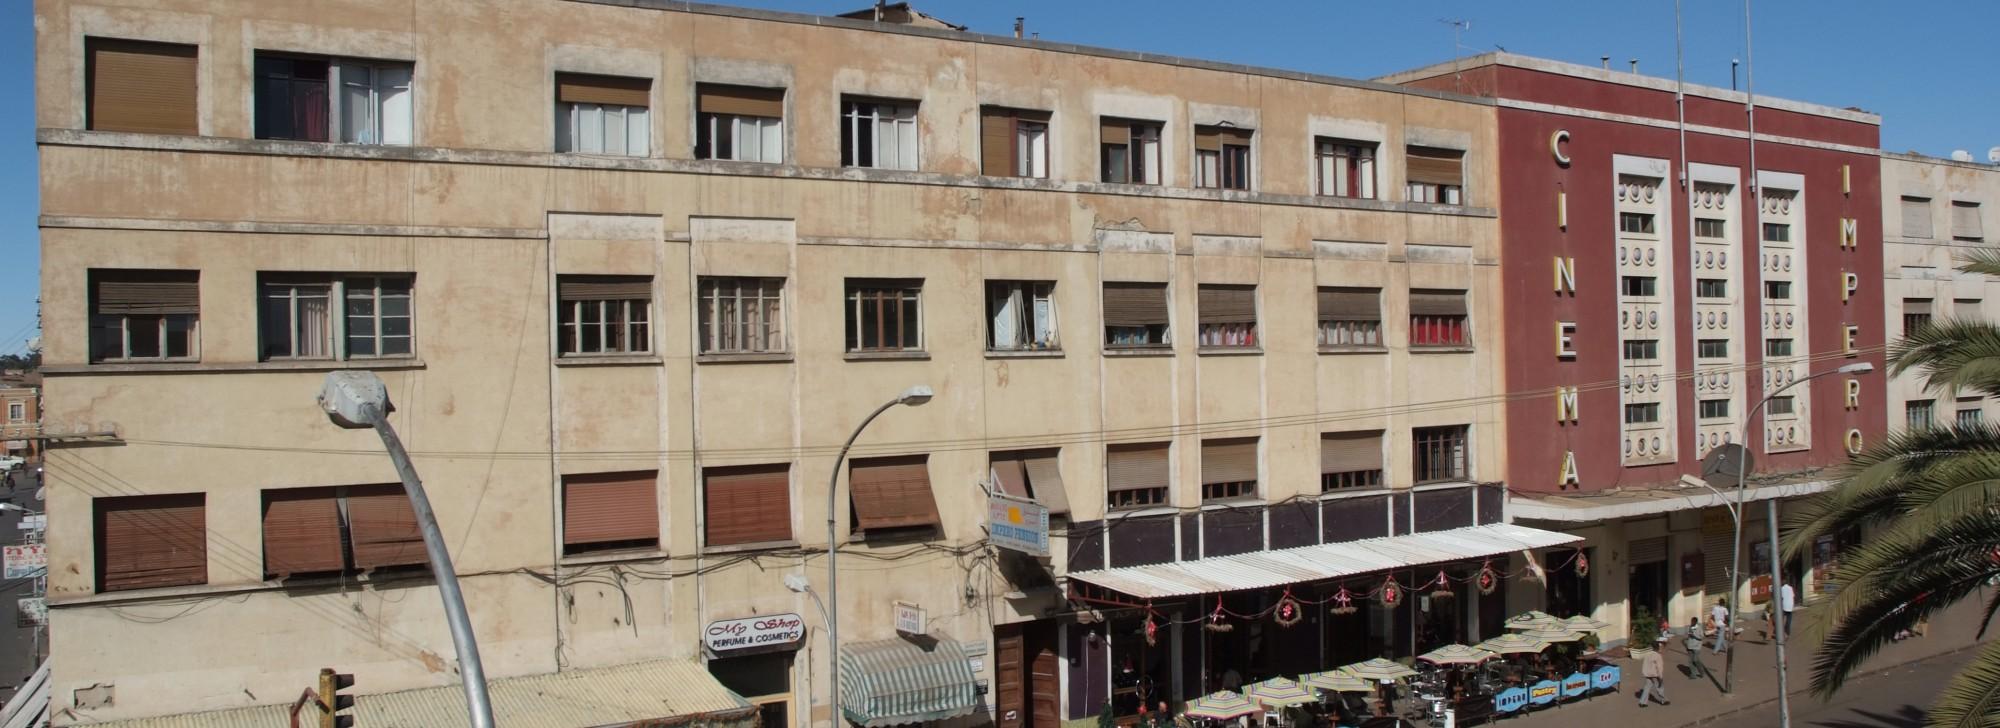 Asmara Architecture